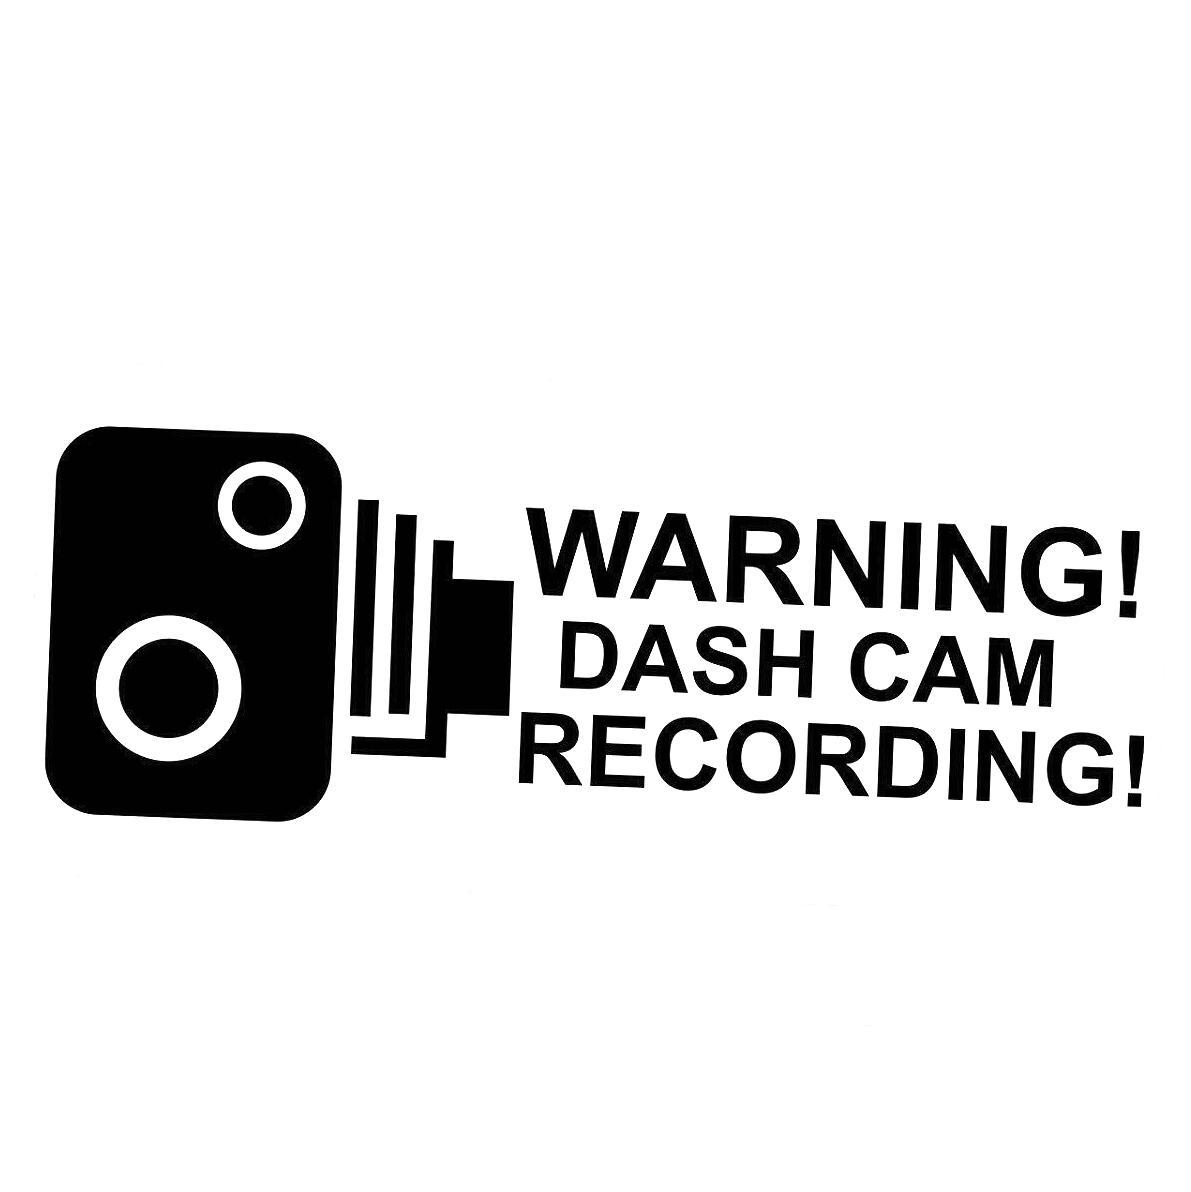 Çıkartma - Uyarı Dash Kamera - Güvenlik Pencere Sticker Şeffaf İç Vinil Hobi Araç Tampon etiketi